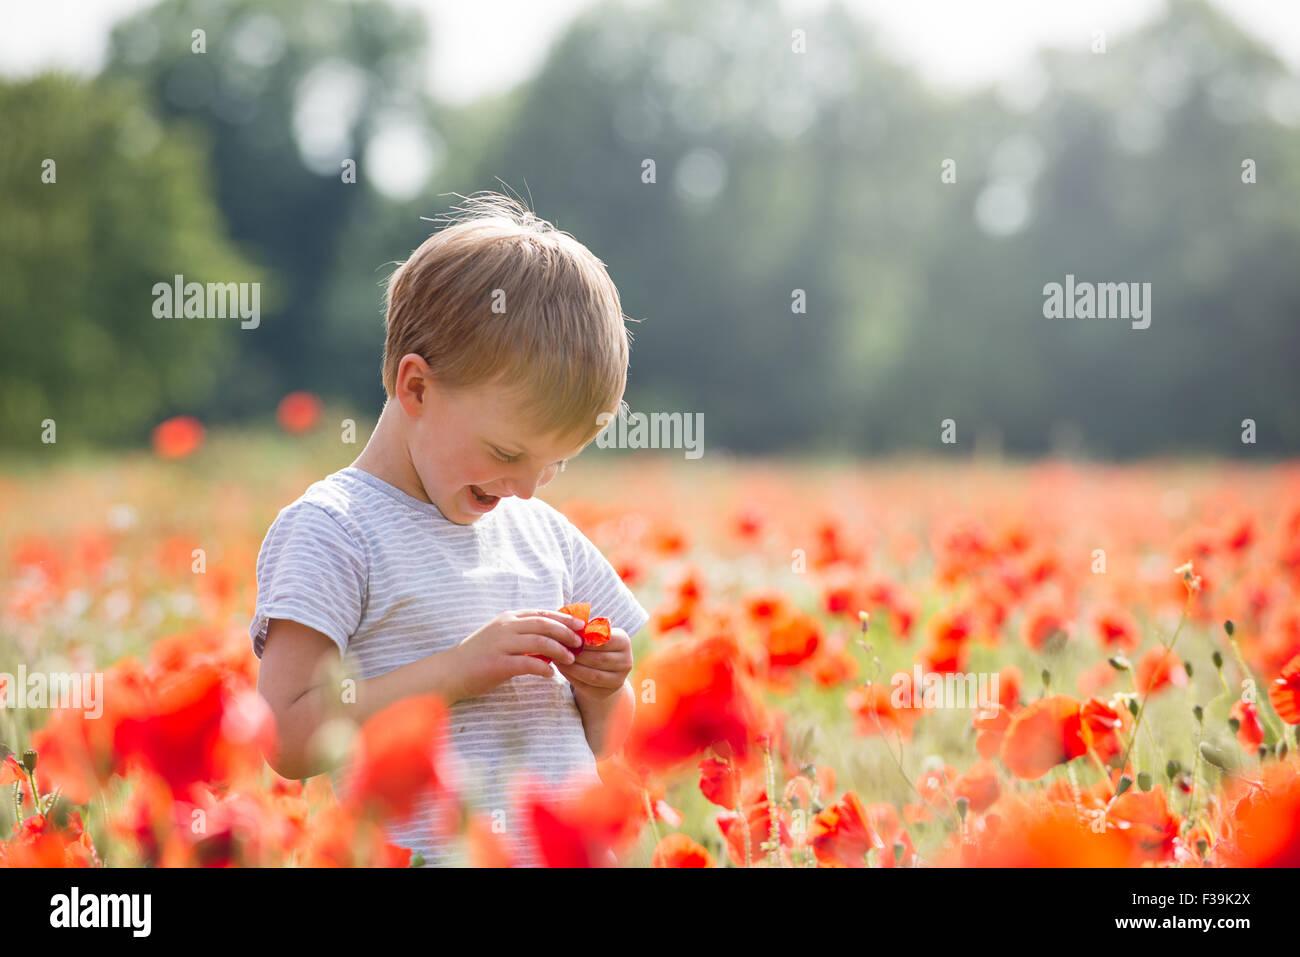 Smiling Boy standing dans un champ de coquelicots Photo Stock